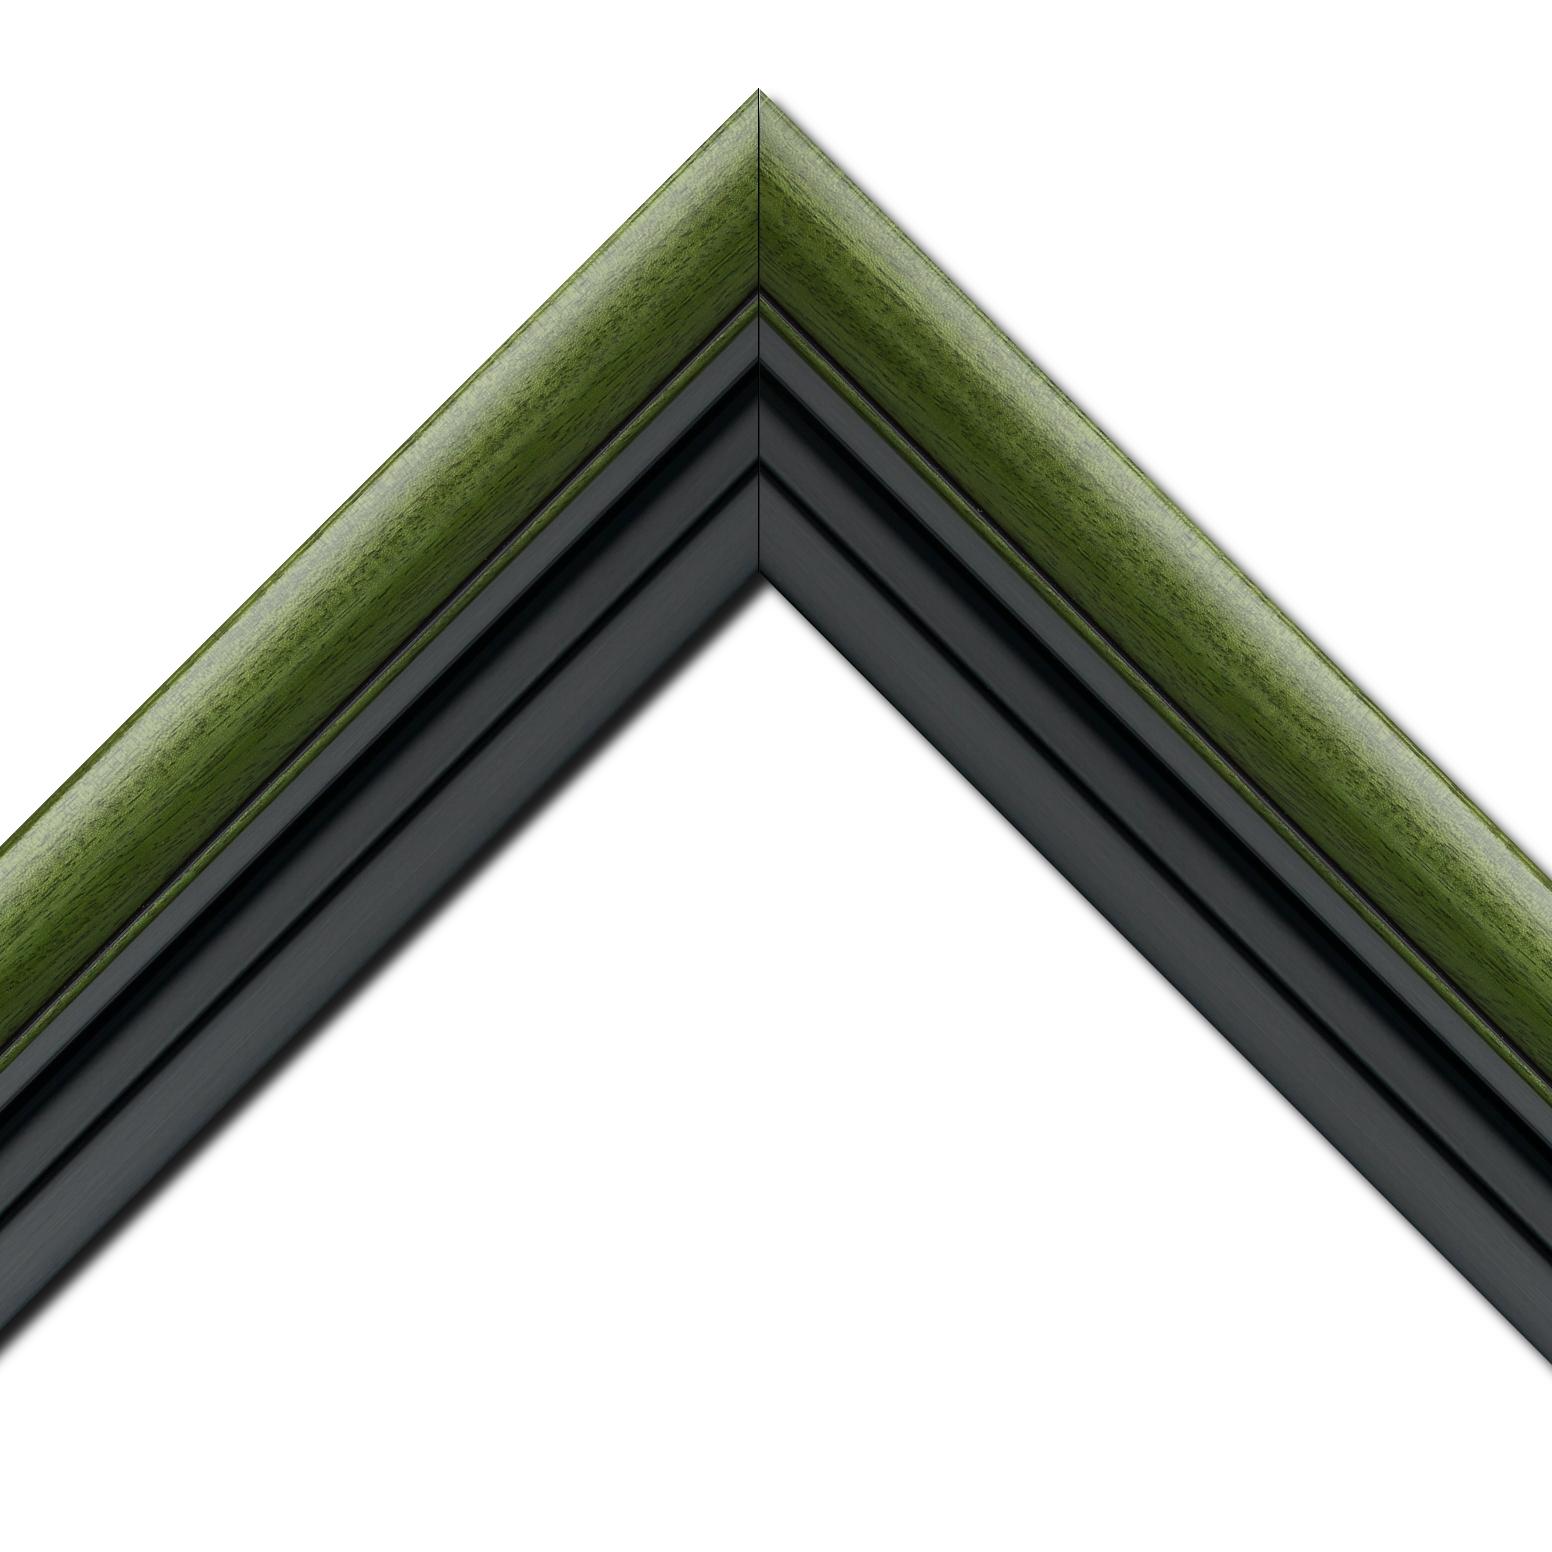 Baguette bois profil arrondi largeur 4.7cm couleur vert sapin satiné rehaussé d'un filet noir + bois caisse américaine profil escalier largeur 4.4cm noir mat   (spécialement conçu pour les châssis d'une épaisseur jusqu'à 2.5cm ) largeur total du cadre : 8.3cm